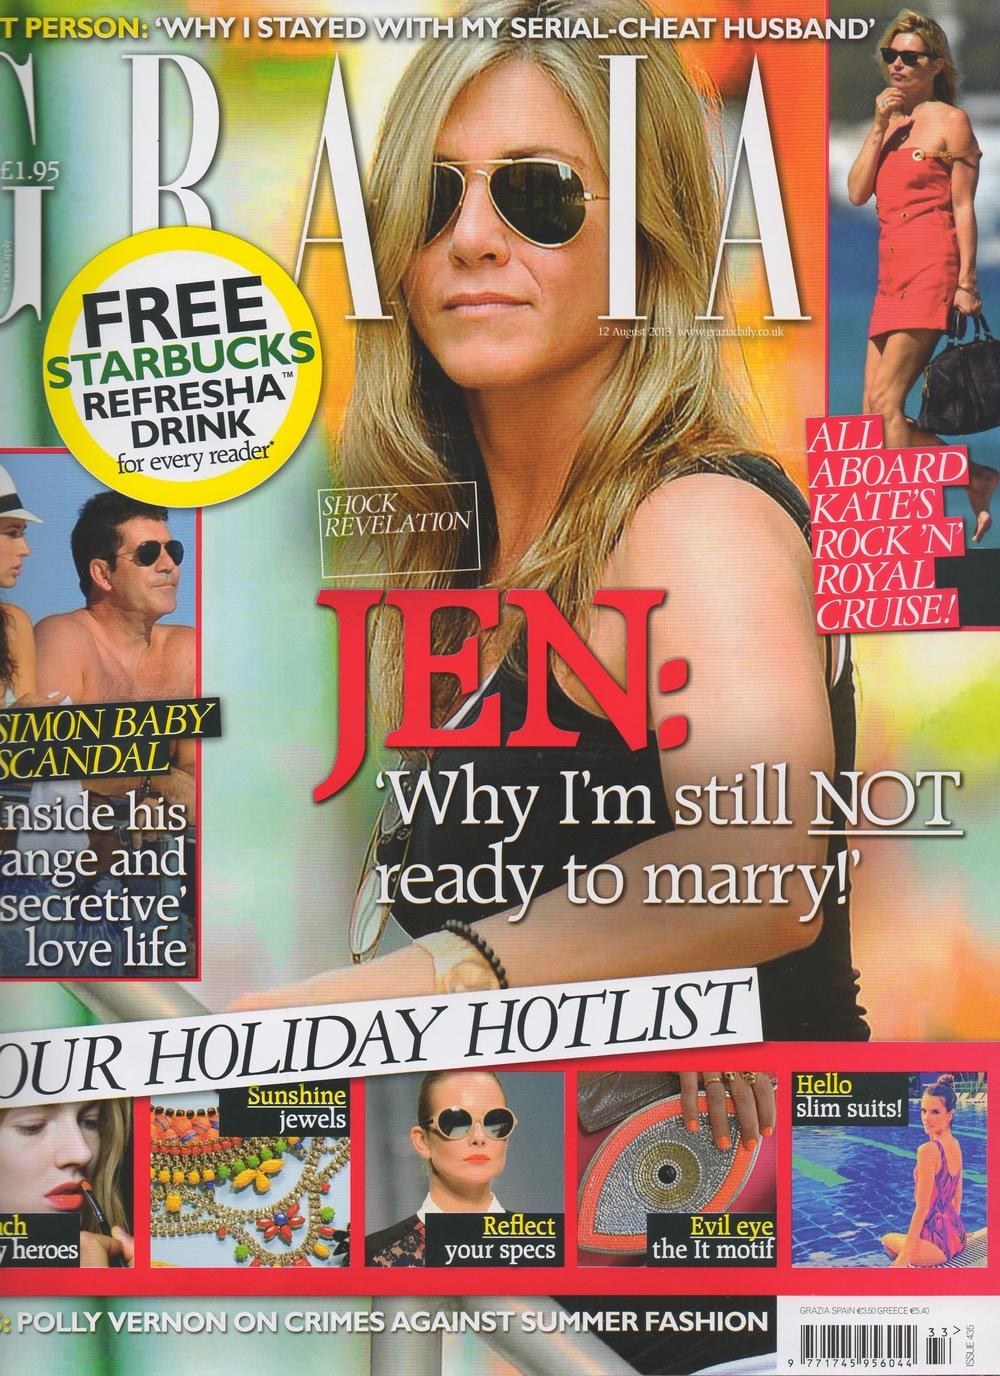 2013-08-12 GRAZIA - Cover.jpg